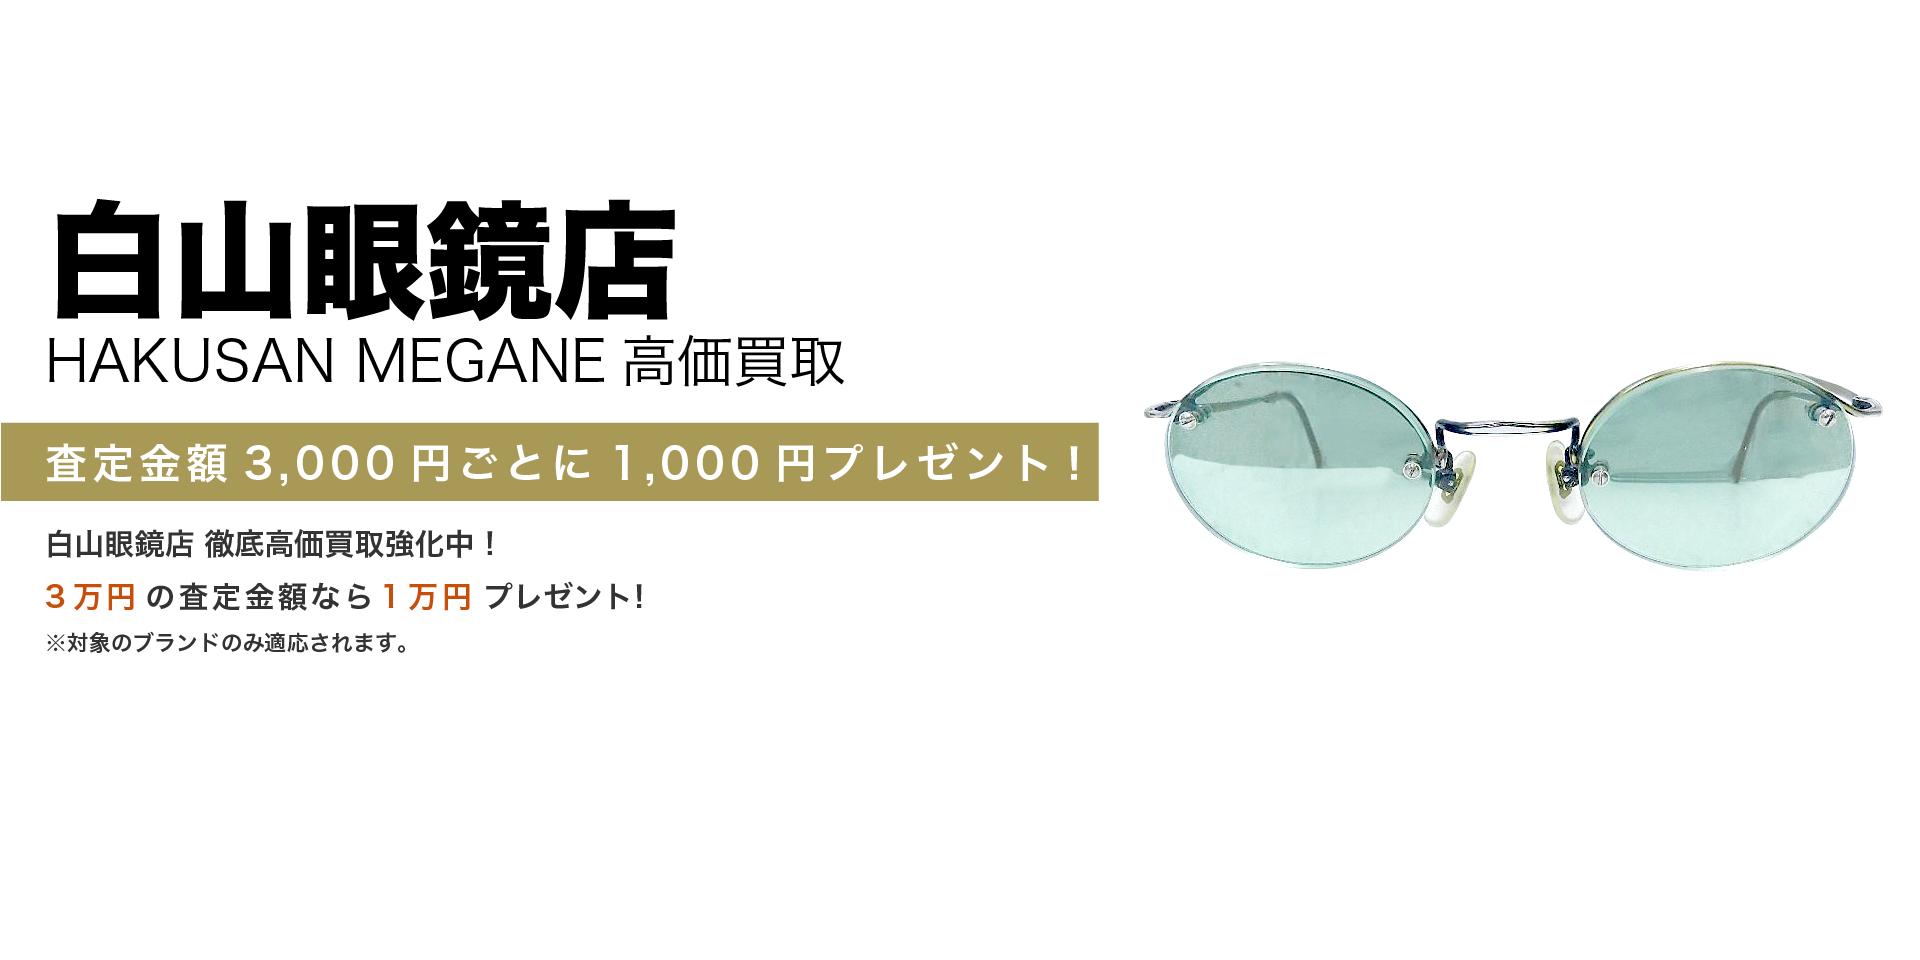 白山眼鏡店のキービジュアル